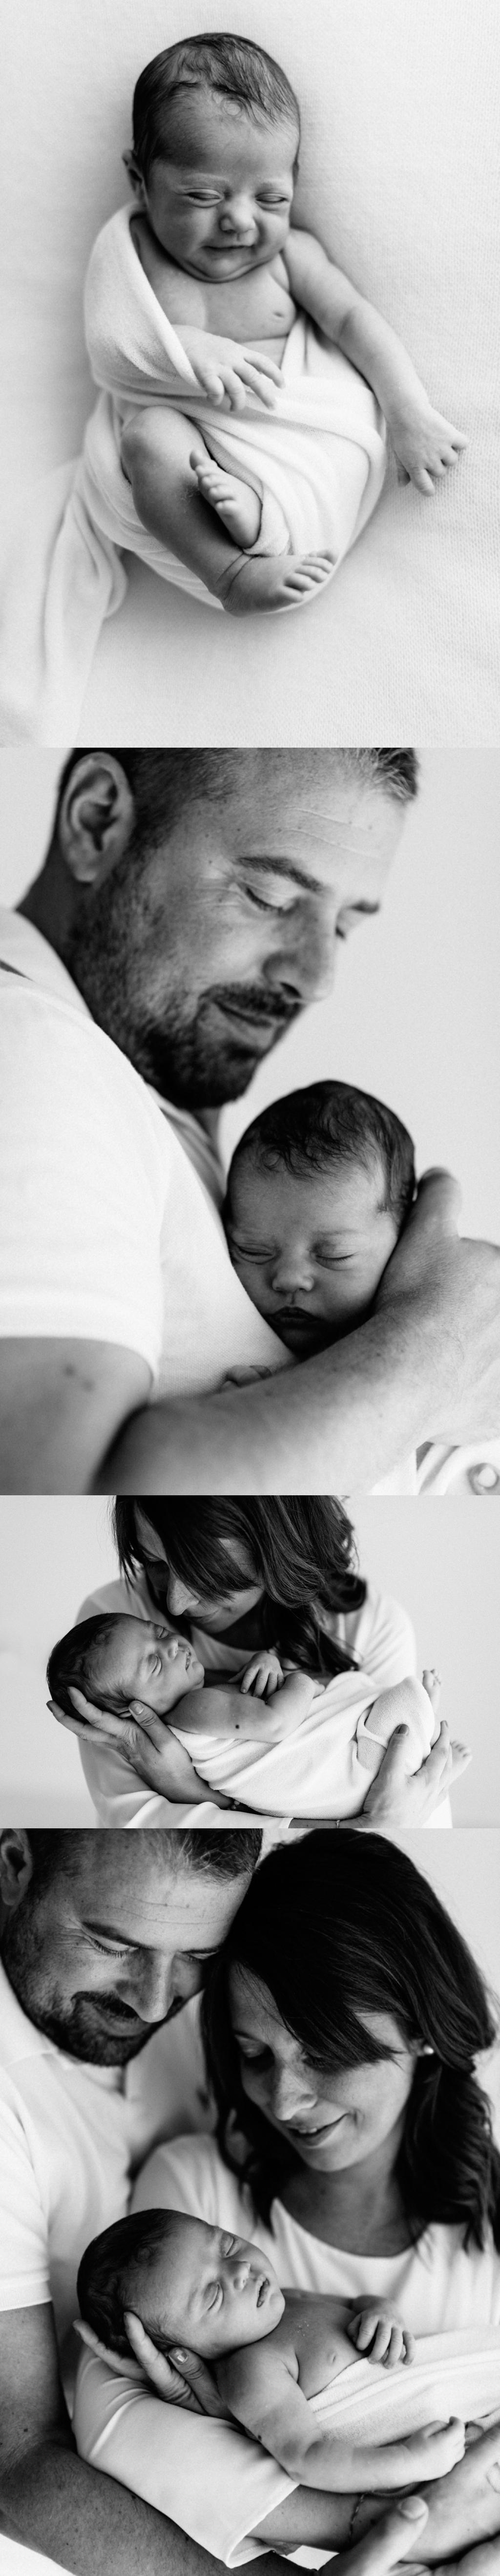 fotografo neonat e genitorii cervia imola ravenna bologna